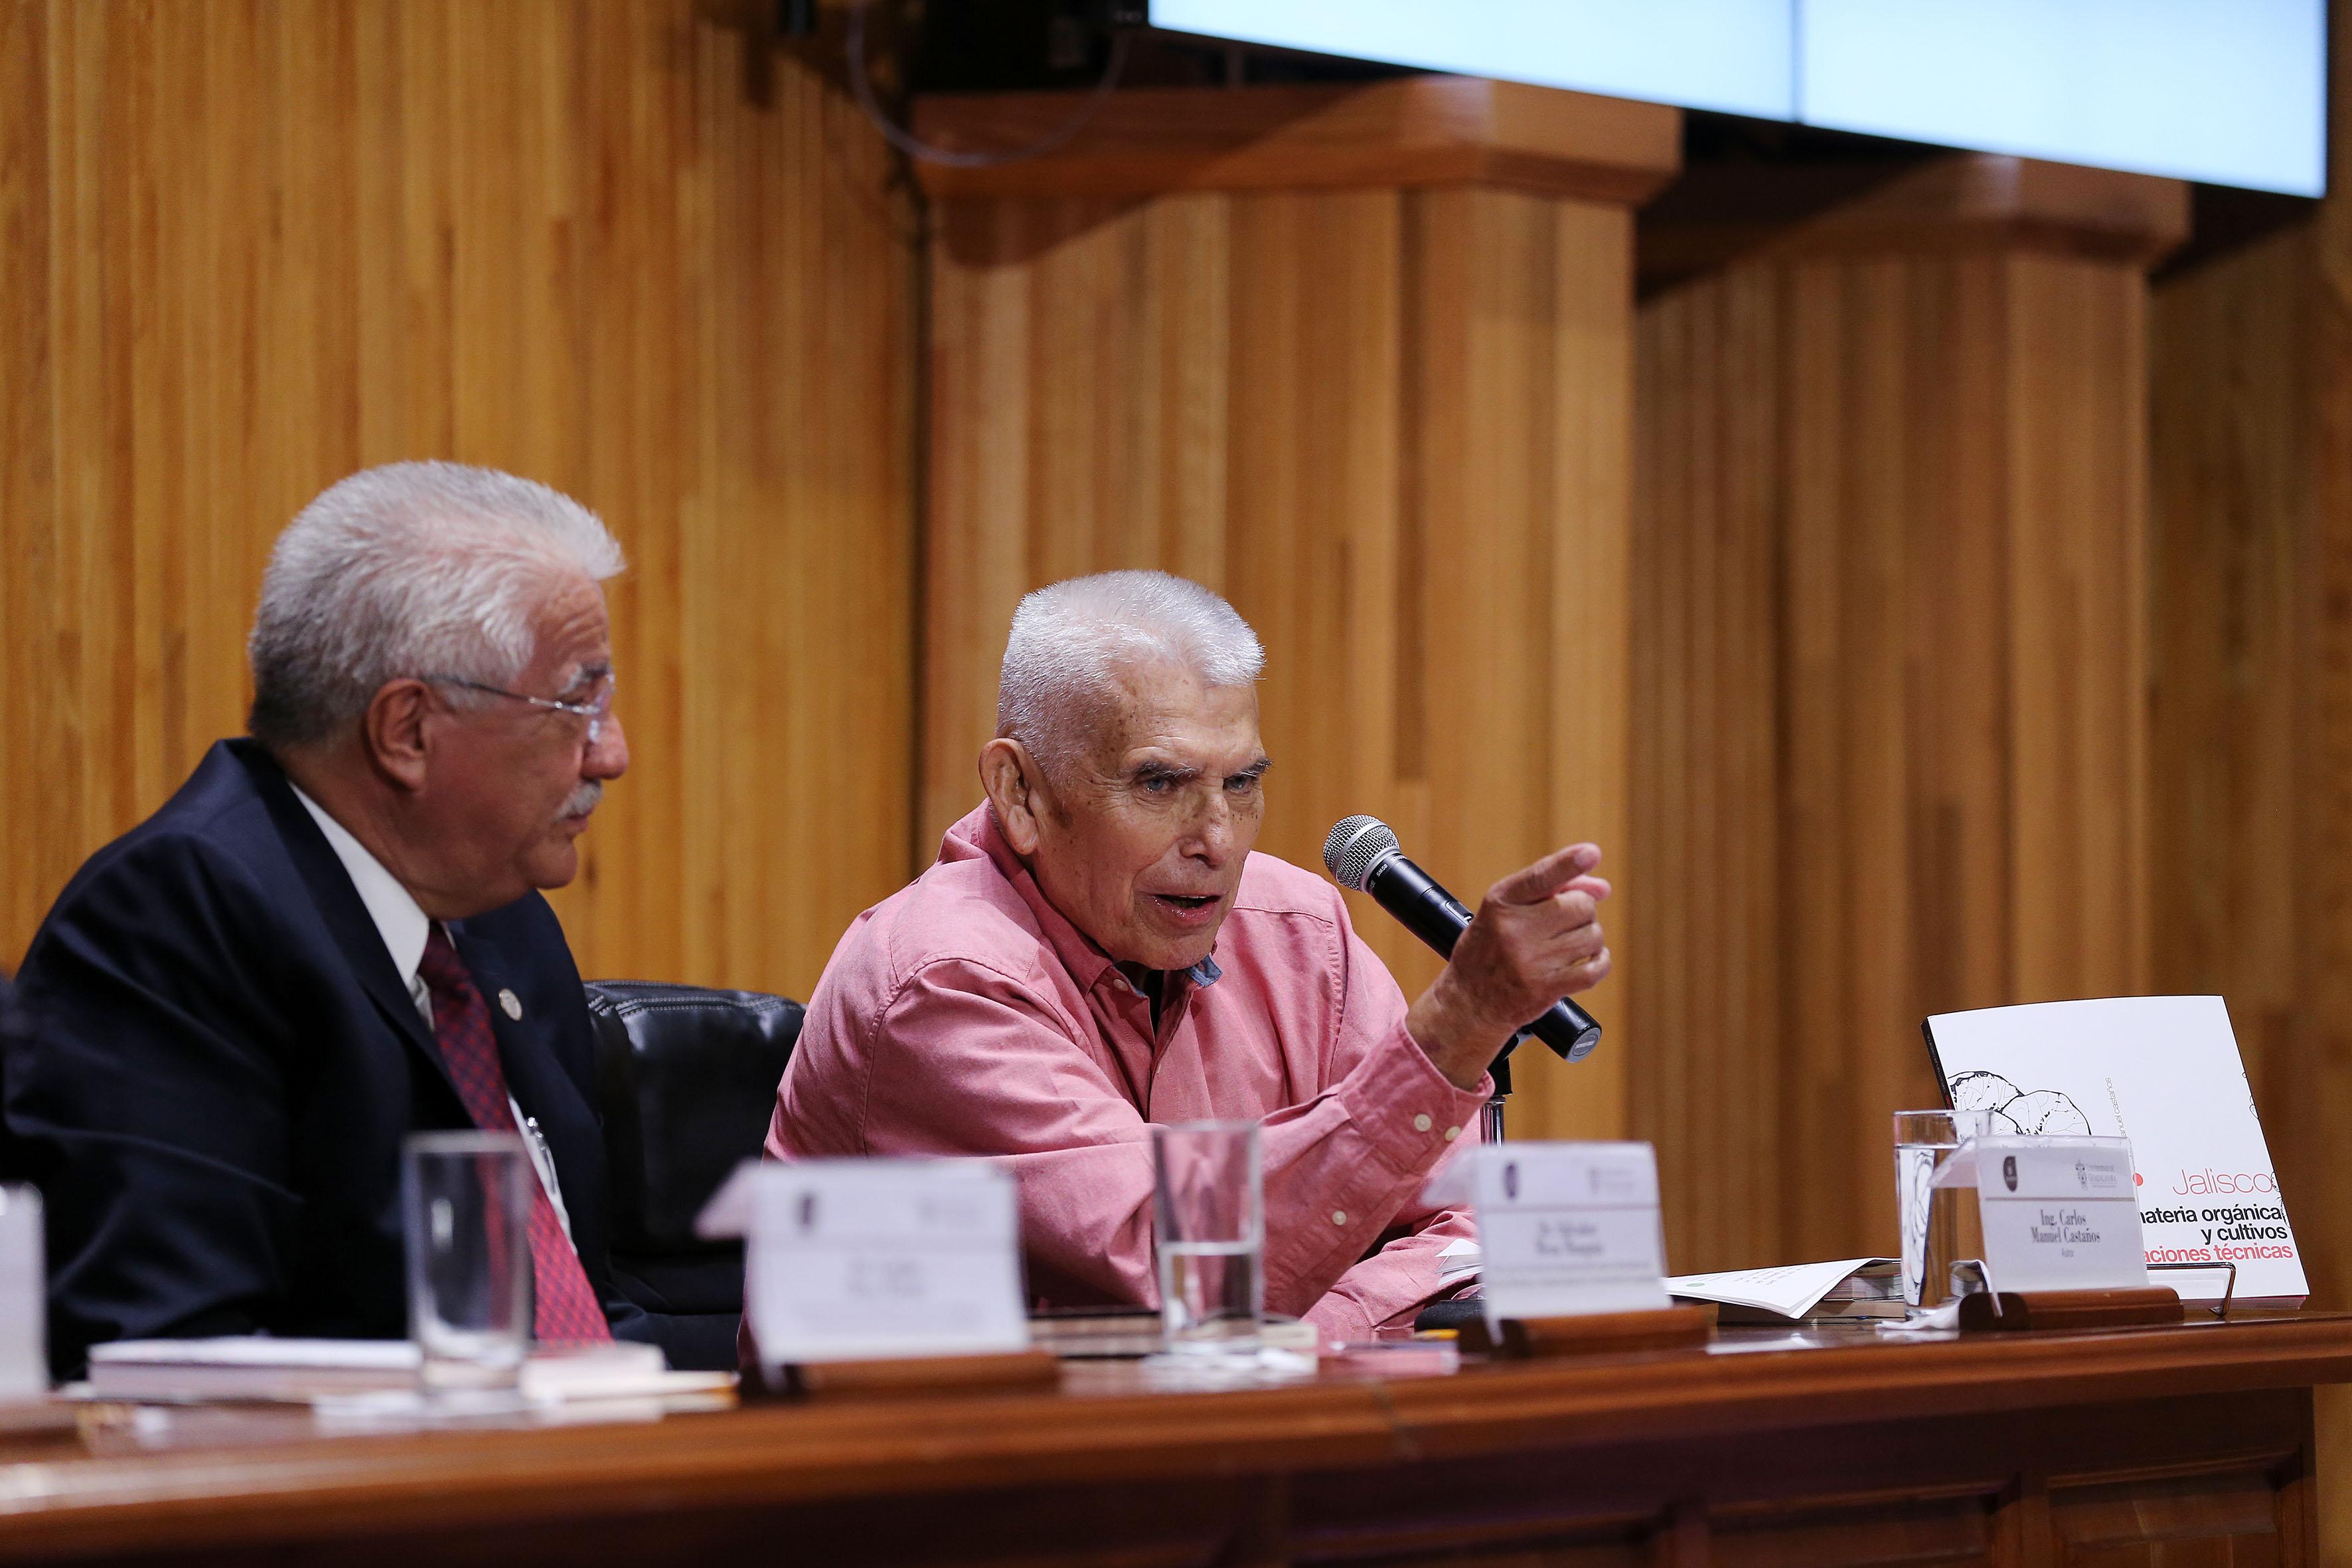 Ingeniero Carlos Manuel Castaños, participando en la presentación de su libro